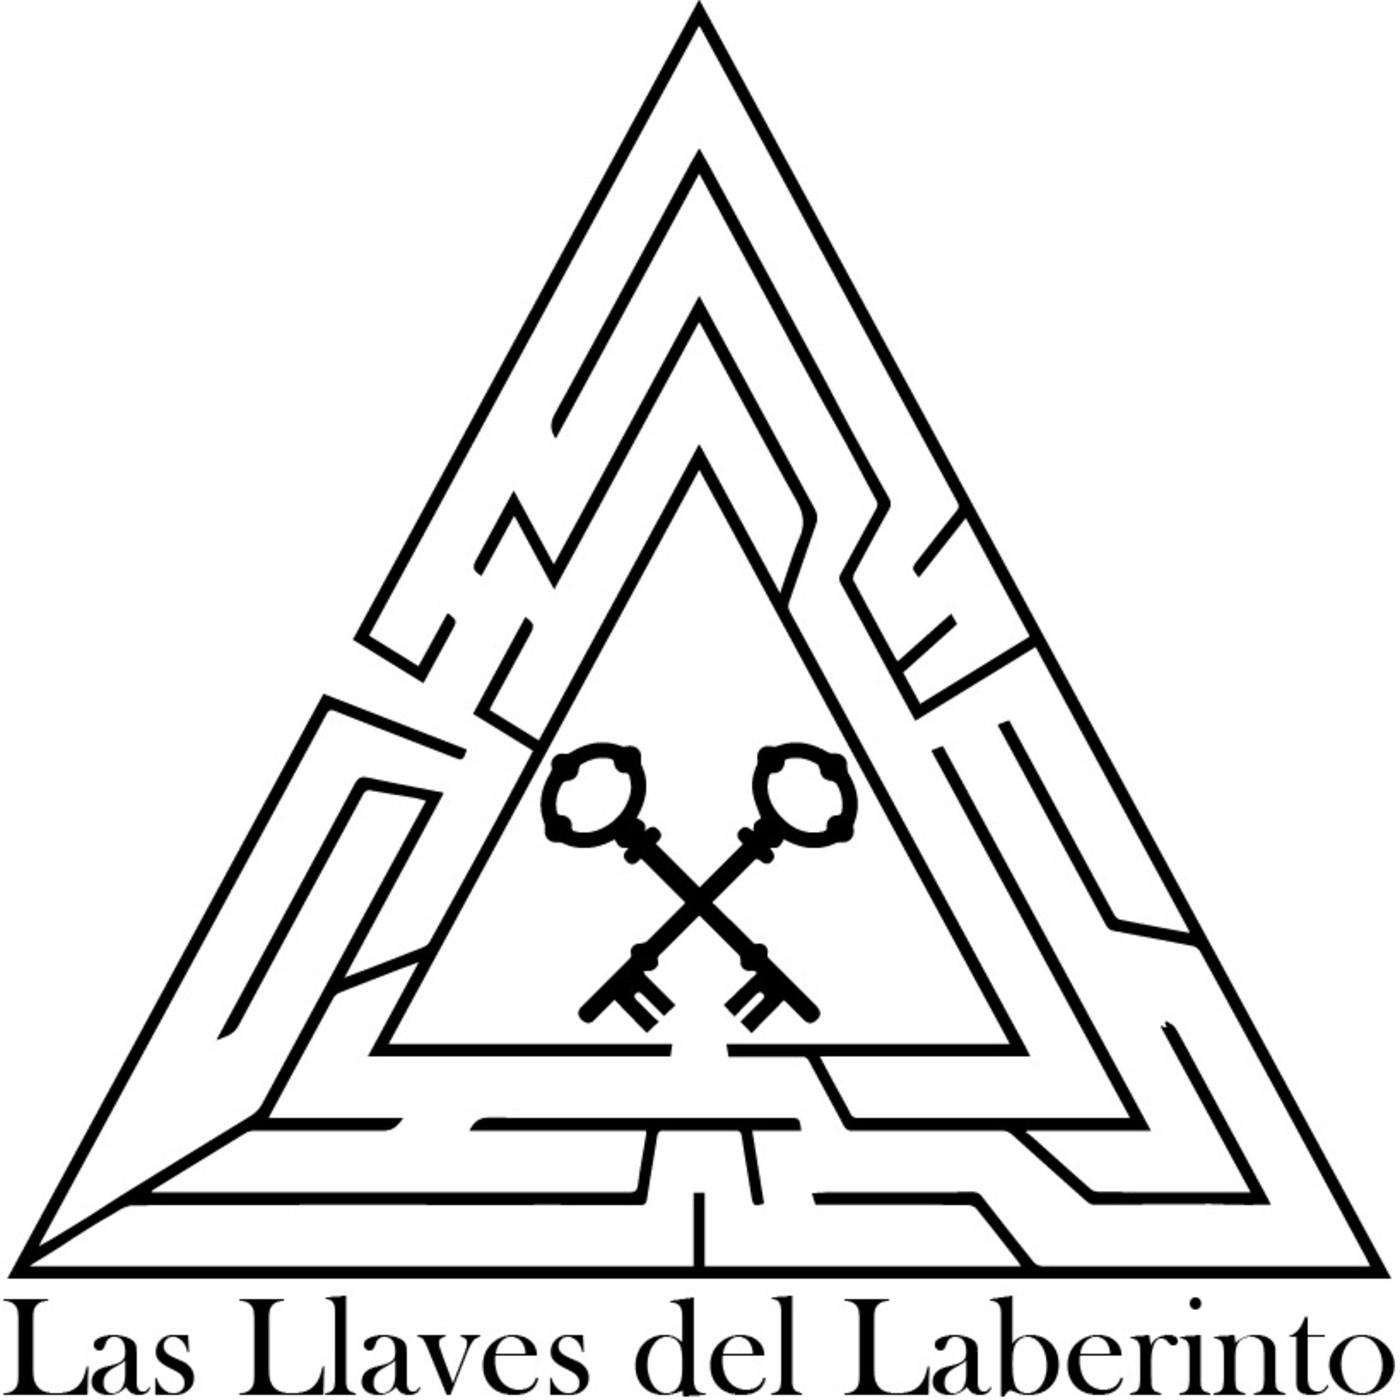 Las llaves del Laberinto